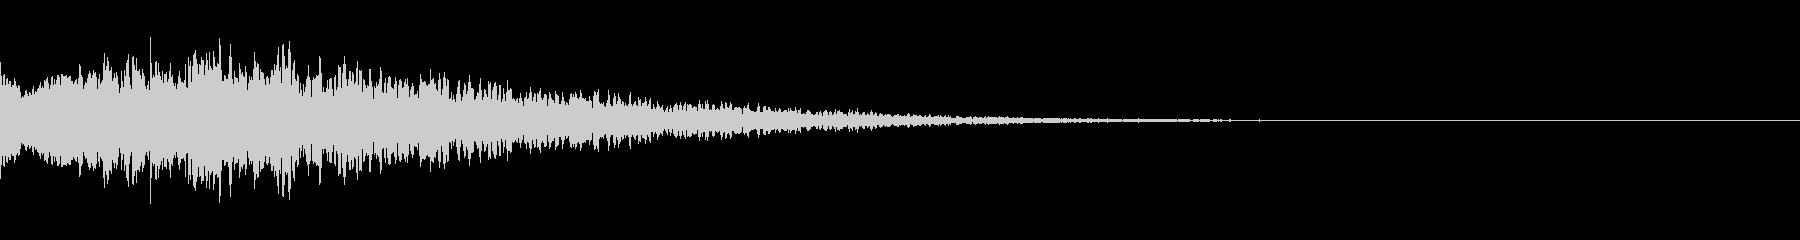 キューン:サイレンの様な音・場面転換の未再生の波形